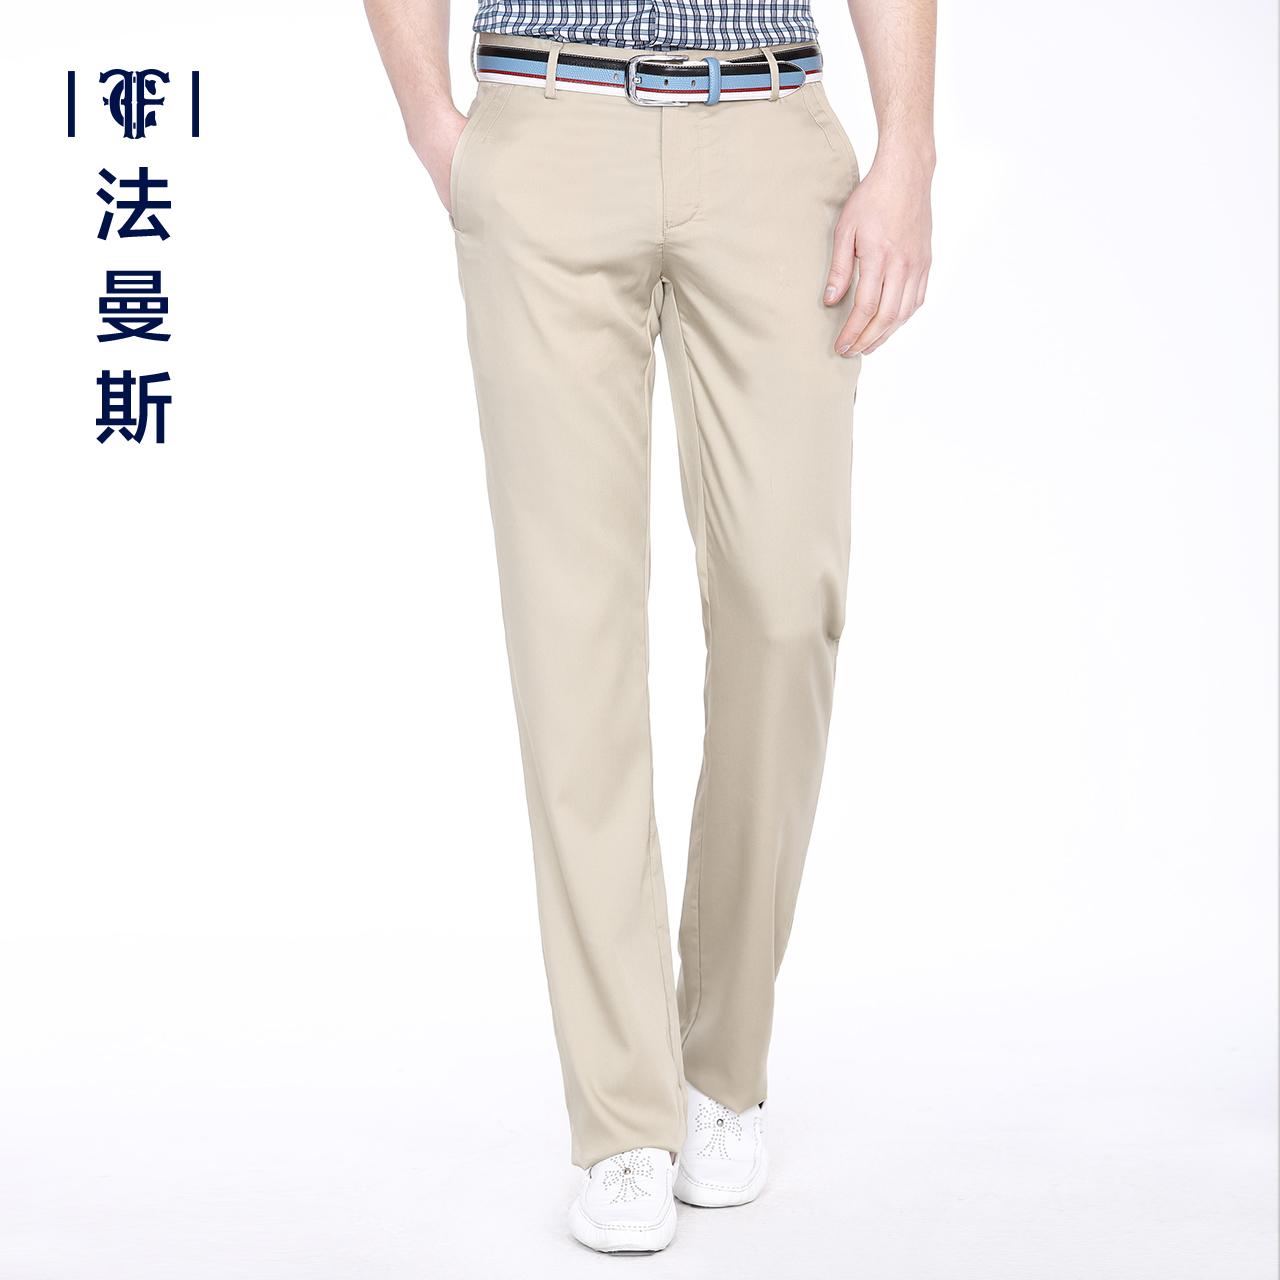 法曼斯2015夏季新款男士浅色微弹休闲裤直筒商务休闲简约薄款长裤